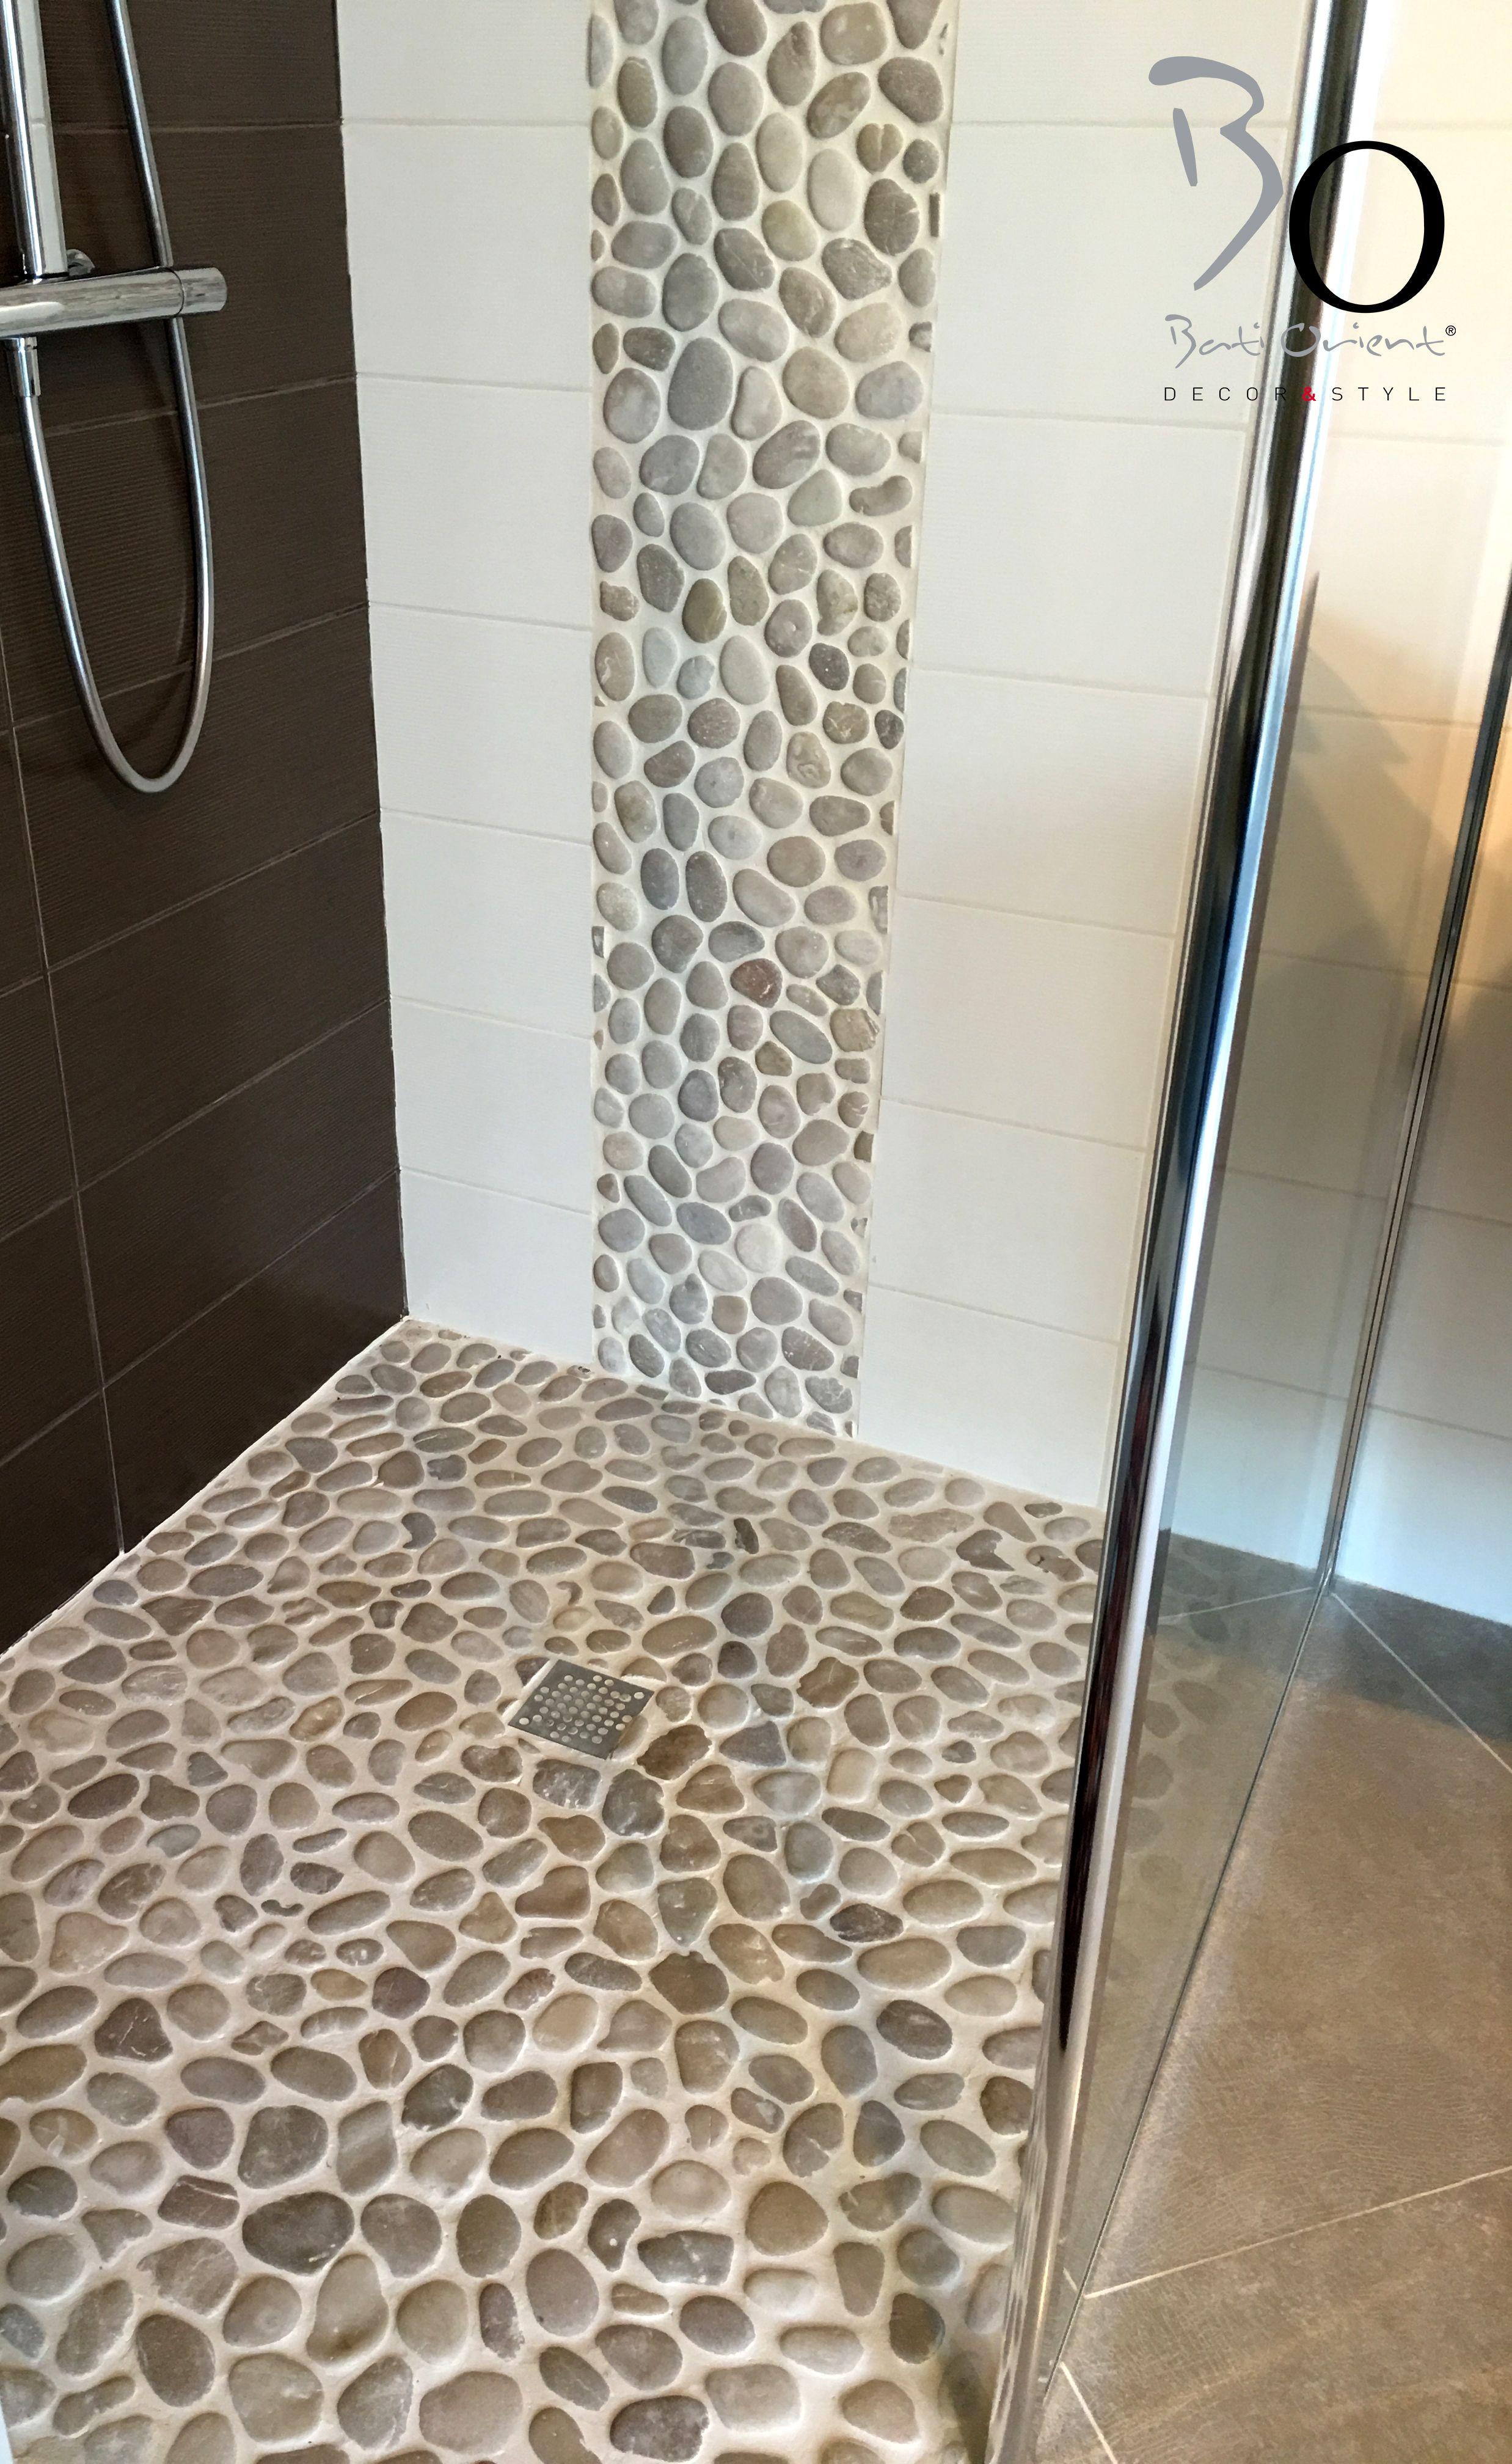 Bati Orient présente un sol de douche en #galets rectifiés